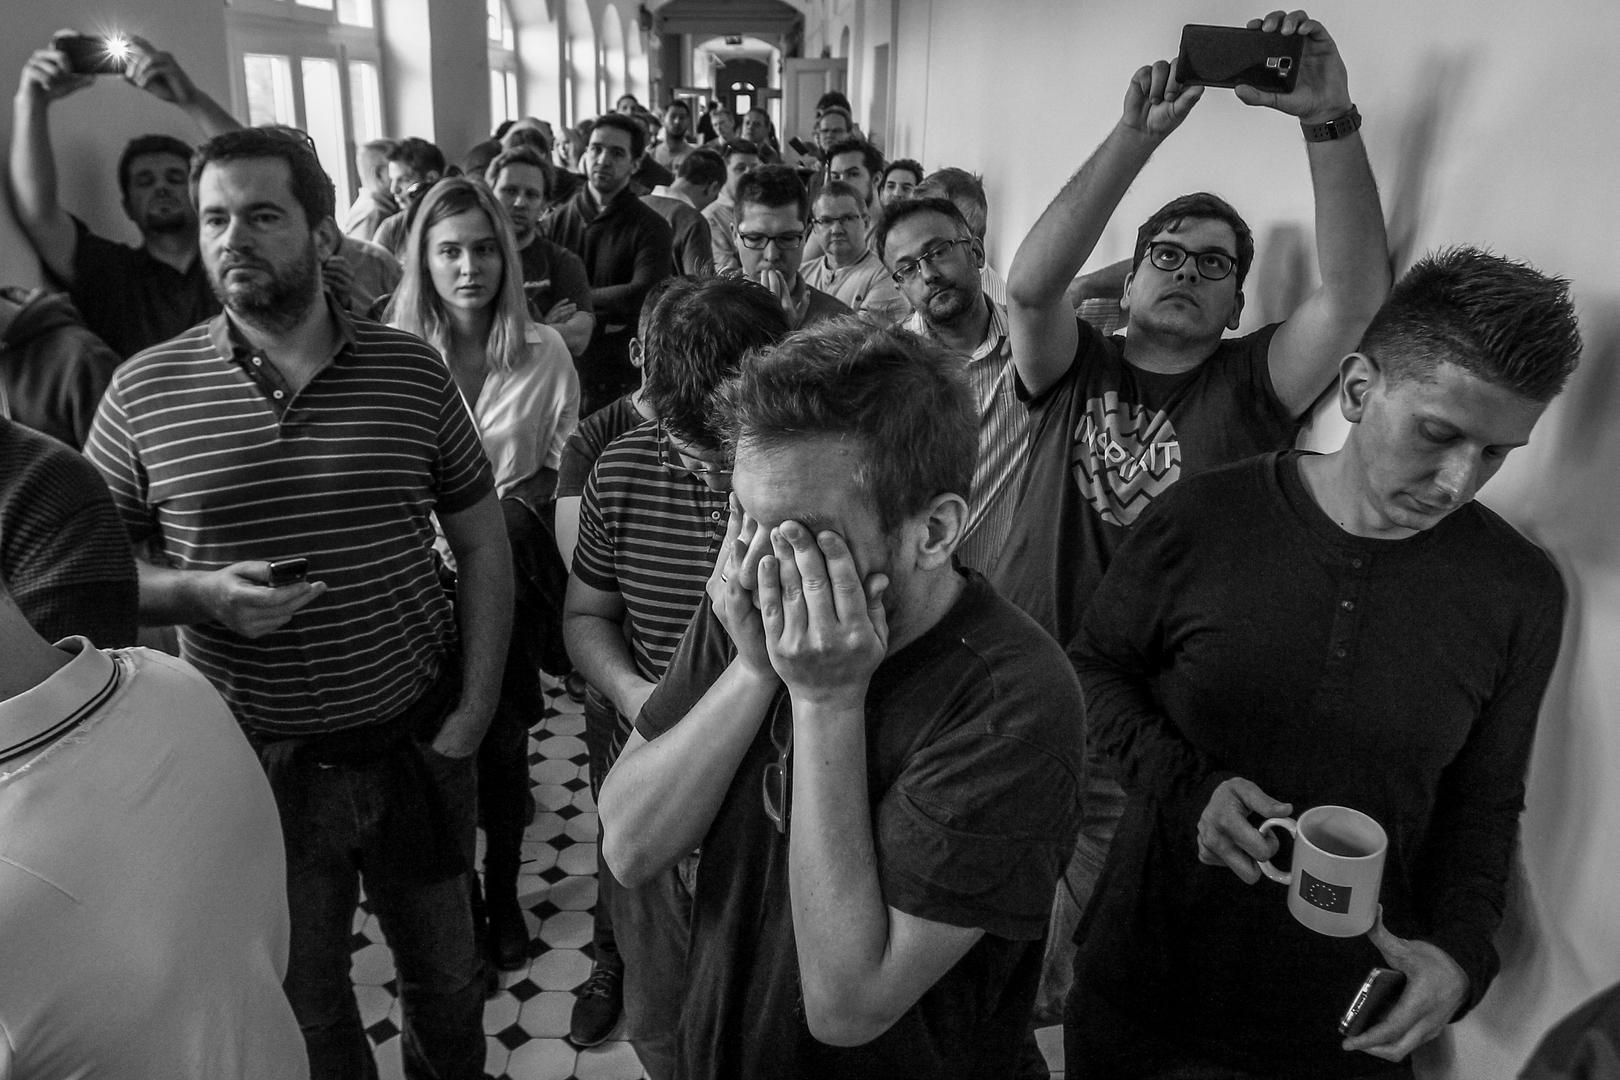 Képriport<br />2. díj: díj: Balogh Dávid (szabadfoglalkozású): Magyar Nemzet utolsó napja<br /><br />Fotó: 2018. április 10-én, két nappal az országgyűlési választások után készült el a 80 éves Magyar Nemzet című politikai napilap utolsó száma. Ezen a keddi napon jelentették be az újság munkatársainak, hogy nincs tovább. <br />Az utolsó értekezlet. Aki az arcát a kezébe temeti: Bucsy Levente, a sportrovat újságírója.